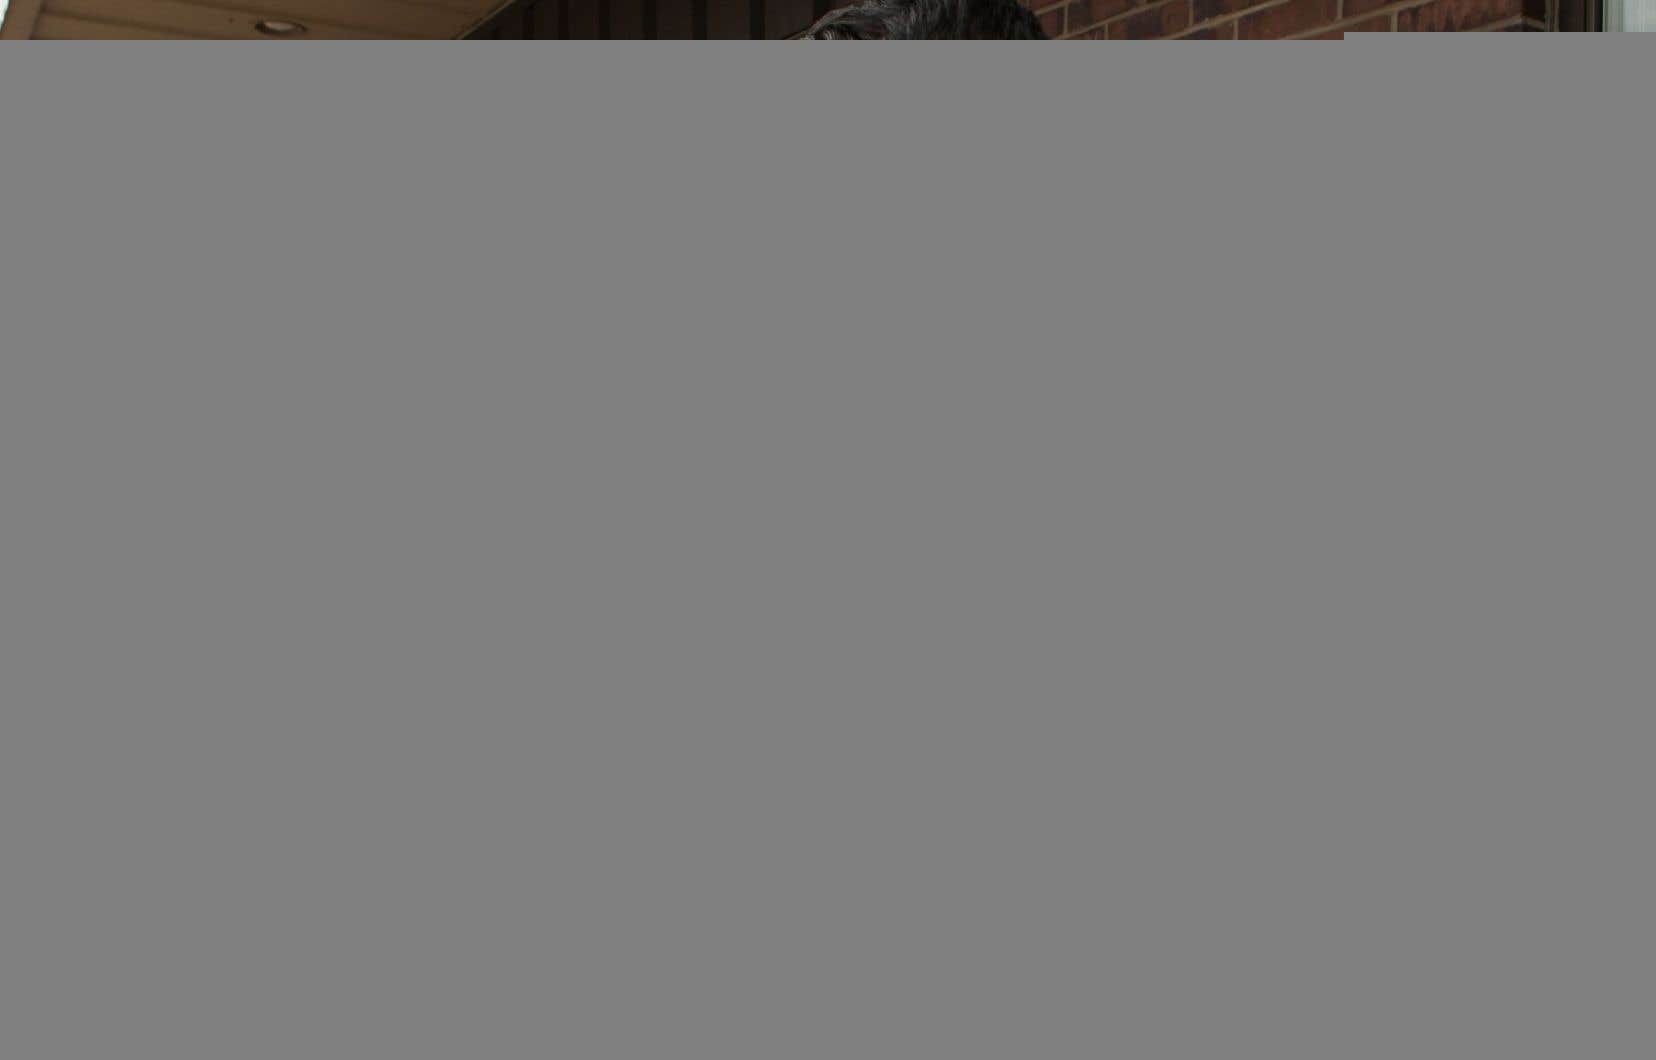 Récemment, à la suite de l'intervention de la députée péquiste Agnès Maltais, le bureau de la SAAQ de Québec a permis exceptionnellement à un groupe de réfugiés népalais de passer leur examen avec l'aide d'une interprète parlant leur langue maternelle, le népali.